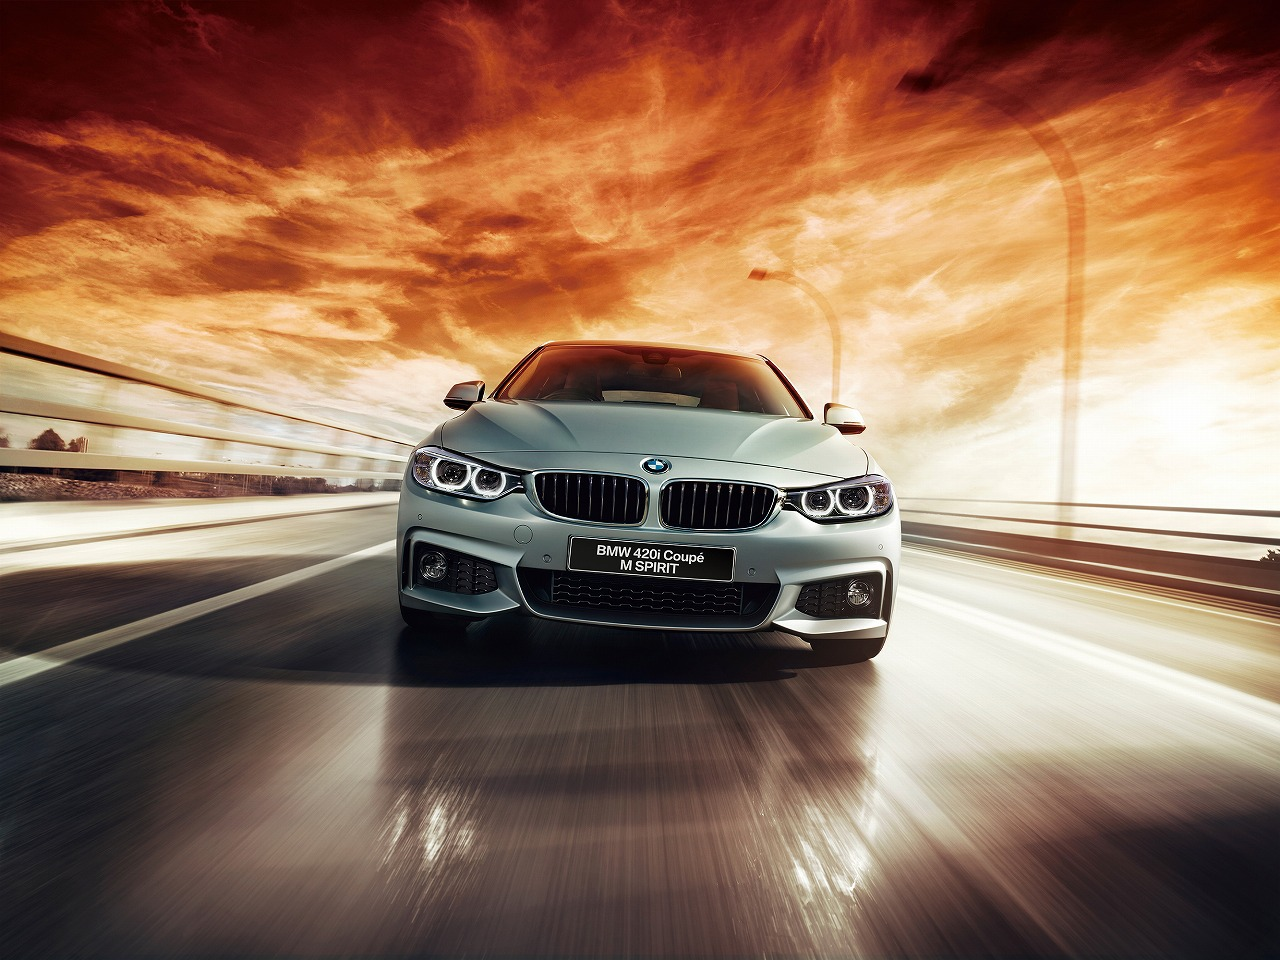 BMW4シリーズクーペ/グランクーペの廉価版 特別仕様車「BMW420i M Spirit」を発売!BMW430i/440iGCは価格改定で値下げ!